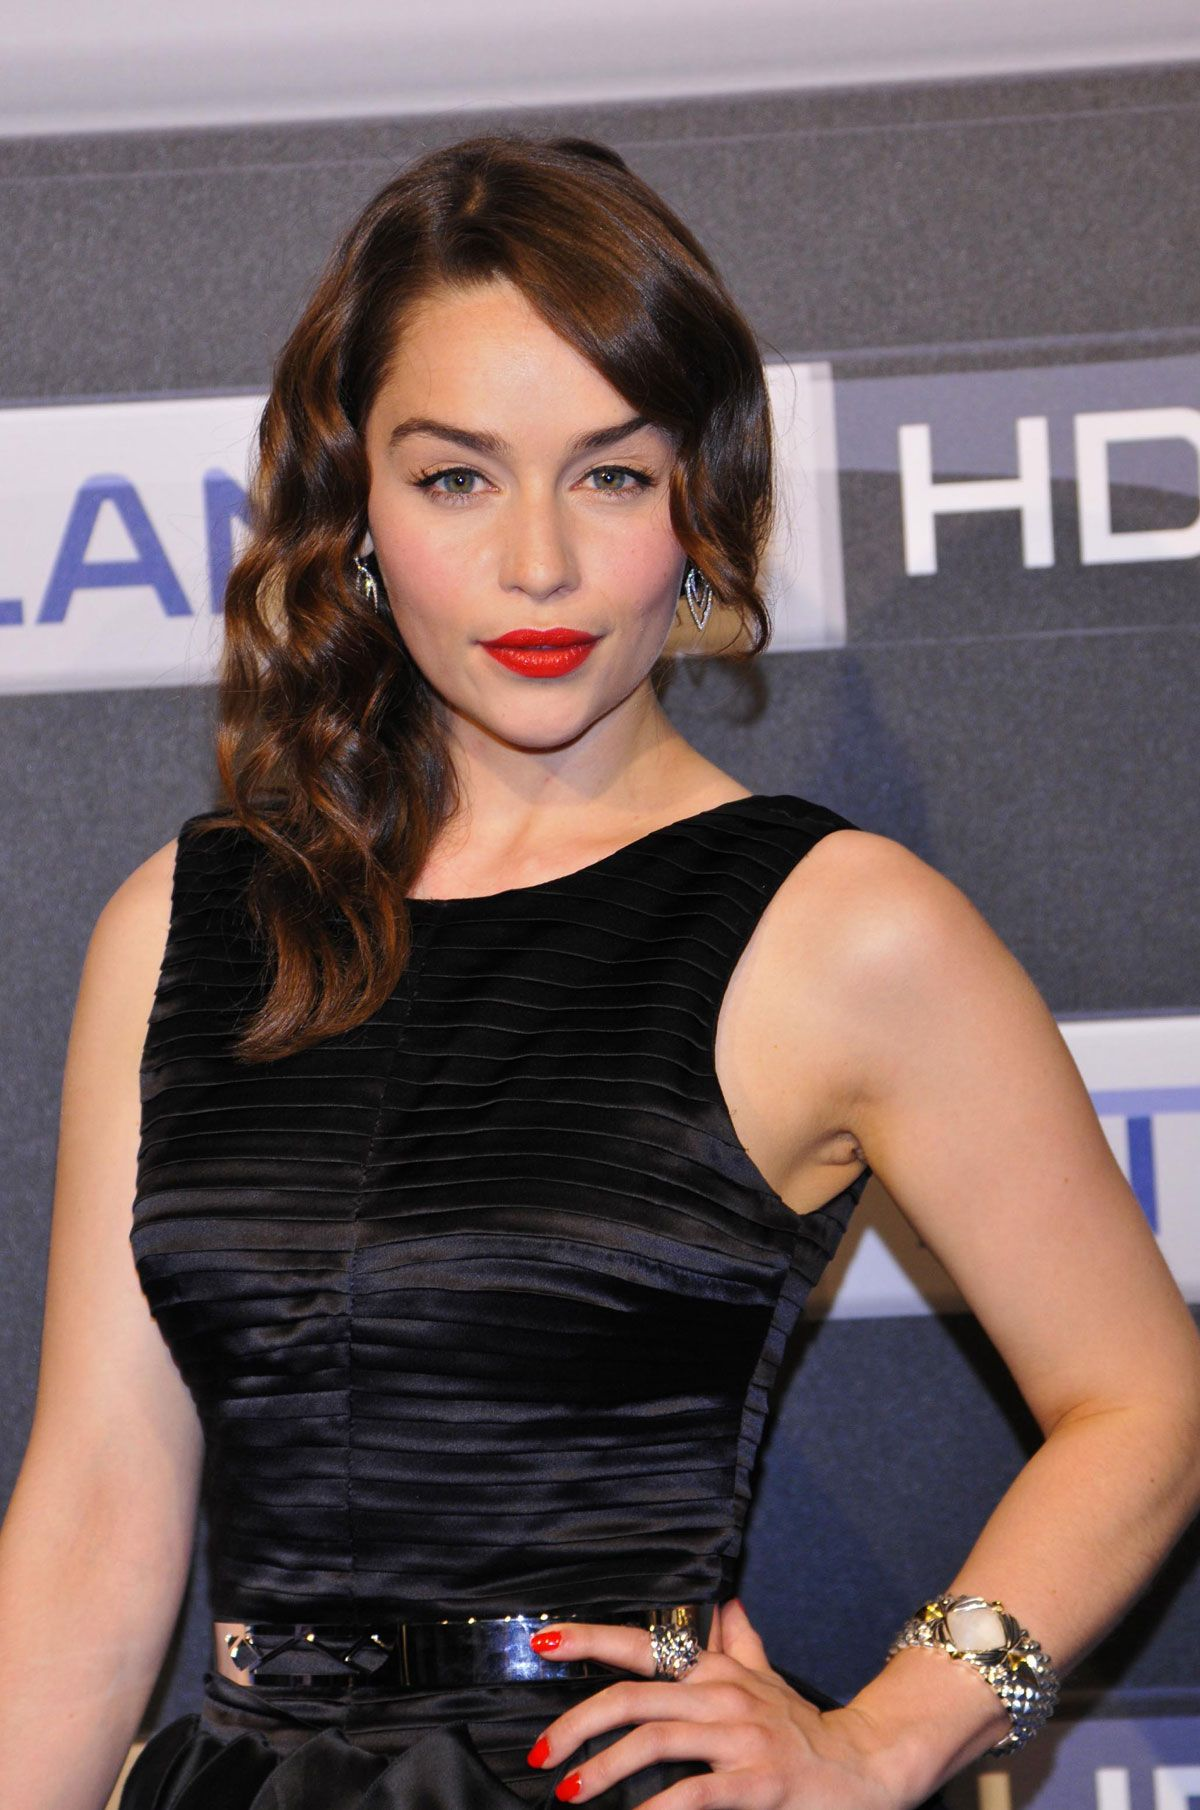 Emilia Clarke Hot Pictures